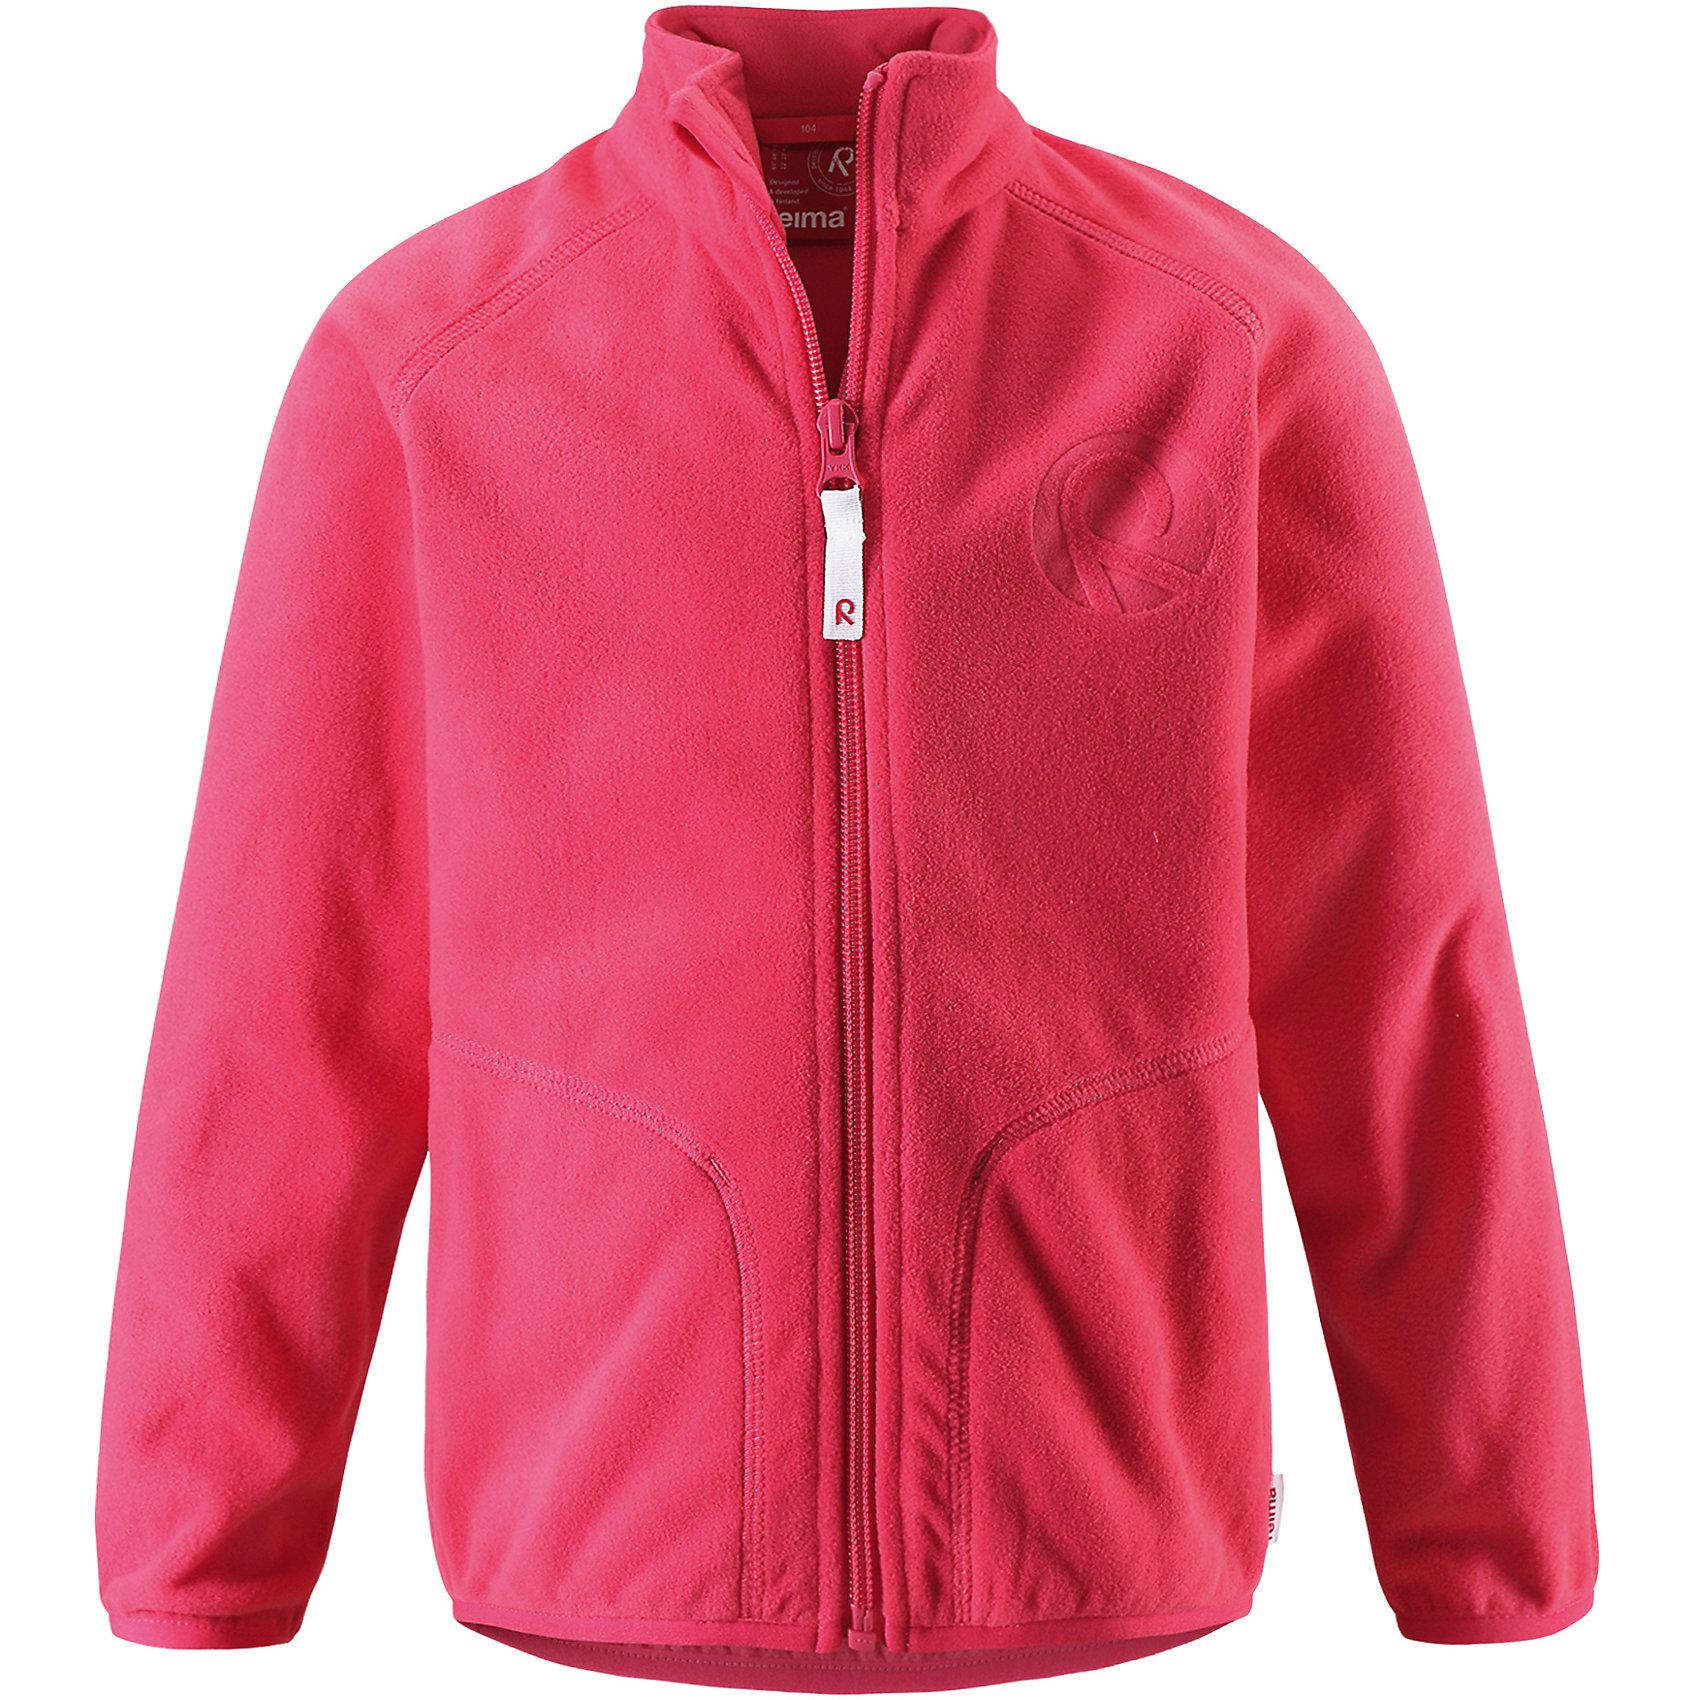 Куртка флисовая Inrun для девочки ReimaФлис и термобелье<br>Характеристики товара:<br><br>• цвет: розовый<br>• состав: 100% полиэстер<br>• поларфлис<br>• аппликация<br>• молния<br>• защита подбородка<br>• приятная на ощупь ткань<br>• карманы<br>• может пристегиваться к верхней одежде Reima® кнопками Play Layers®<br>• эластичные манжеты и подол<br>• удлиненная сзади<br>• комфортная посадка<br>• страна производства: Китай<br>• страна бренда: Финляндия<br>• коллекция: весна-лето 2017<br><br>Одежда для детей может быть модной и комфортной одновременно! Удобная курточка поможет обеспечить ребенку комфорт и тепло. Изделие сшито из поларфлис - мягкого и теплого материала, приятного на ощупь. Модель стильно смотрится, отлично сочетается с различным низом. Стильный дизайн разрабатывался специально для детей.<br><br>Одежда и обувь от финского бренда Reima пользуется популярностью во многих странах. Эти изделия стильные, качественные и удобные. Для производства продукции используются только безопасные, проверенные материалы и фурнитура. Порадуйте ребенка модными и красивыми вещами от Reima! <br><br>Куртку флисовую для мальчика от финского бренда Reima (Рейма) можно купить в нашем интернет-магазине.<br><br>Ширина мм: 356<br>Глубина мм: 10<br>Высота мм: 245<br>Вес г: 519<br>Цвет: розовый<br>Возраст от месяцев: 18<br>Возраст до месяцев: 24<br>Пол: Женский<br>Возраст: Детский<br>Размер: 92,134,140,128,122,116,110,104,98<br>SKU: 5268156